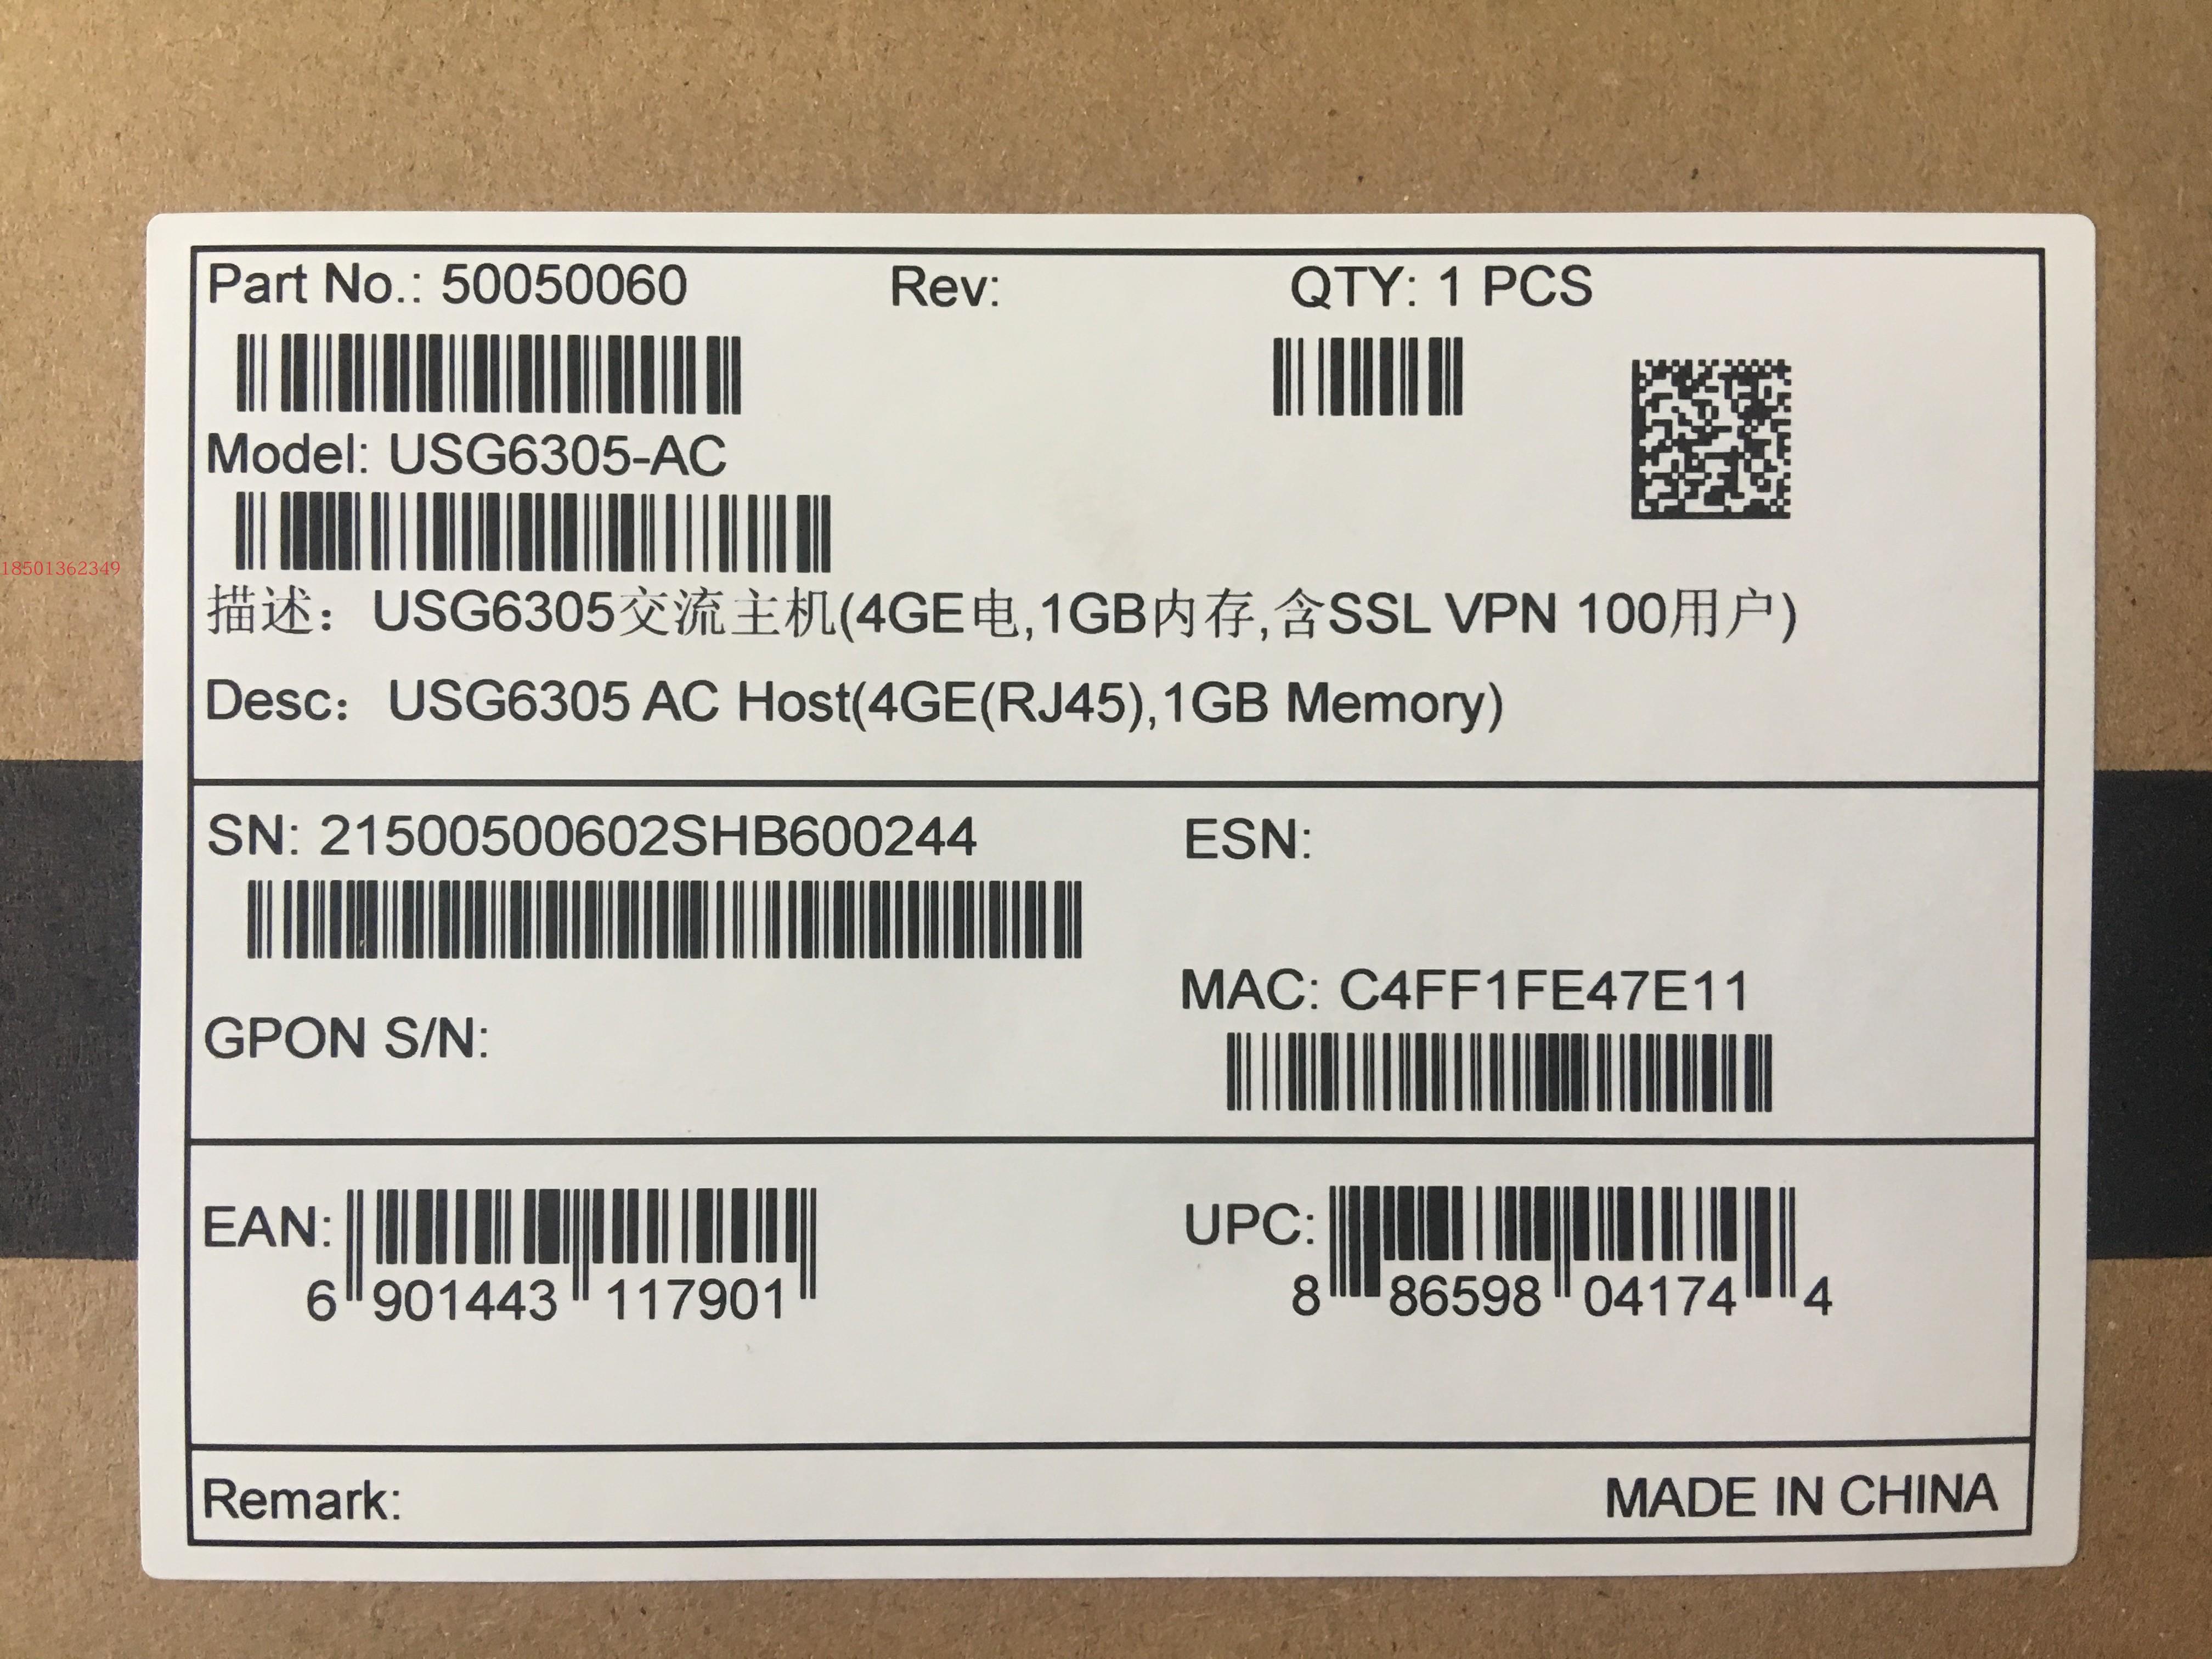 Huawei USG6305-AC несгораемый стена оригинал лицензированный общенациональная гарантия бизнес уровень 4г E тысяча триллион электричество рот